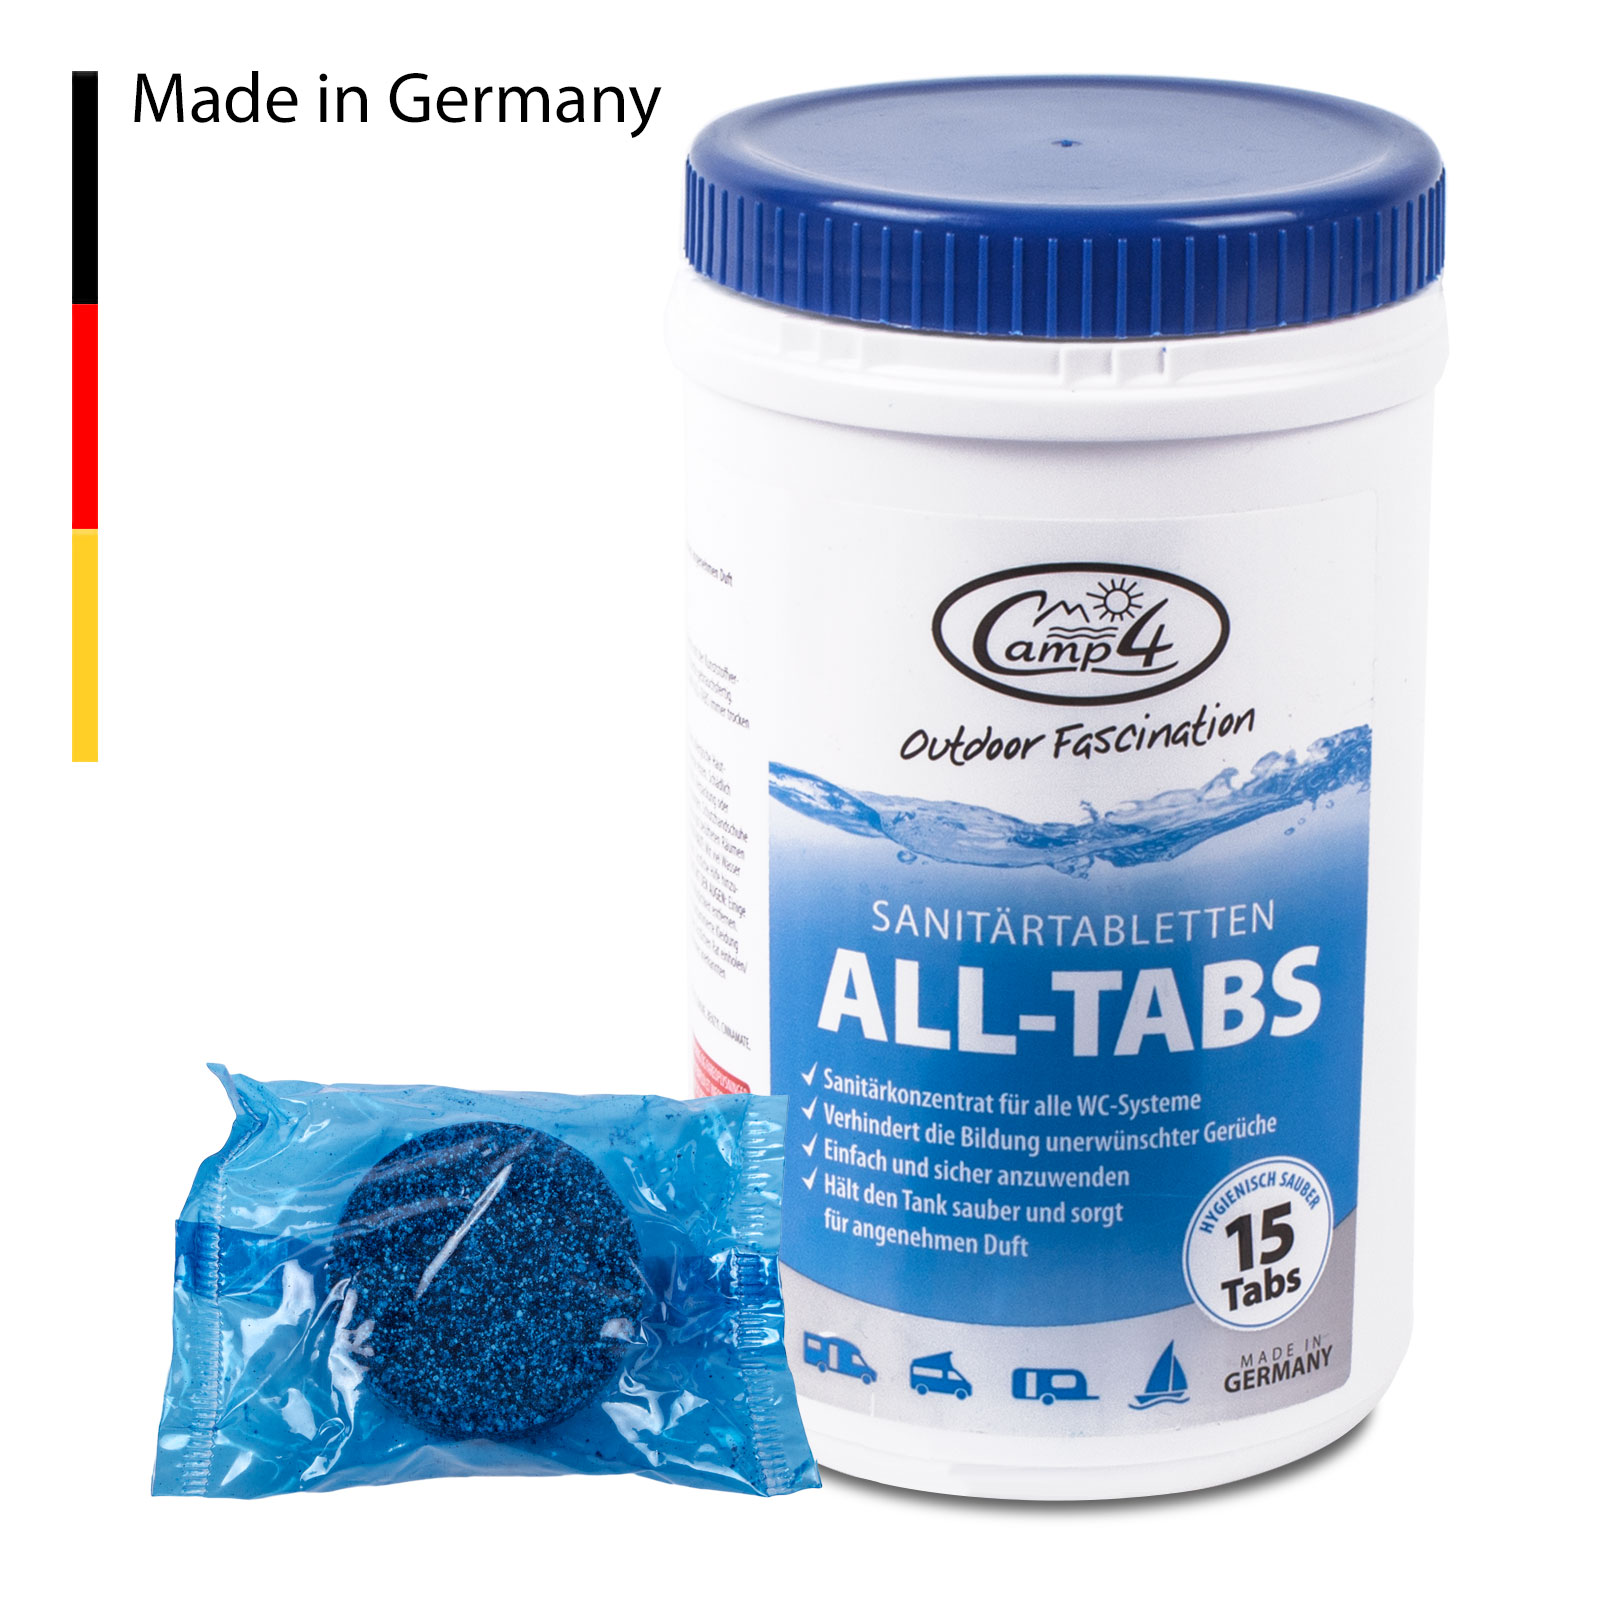 Camp4 All Tabs Toilettentabletten - 15 Stück für Abwassertanks